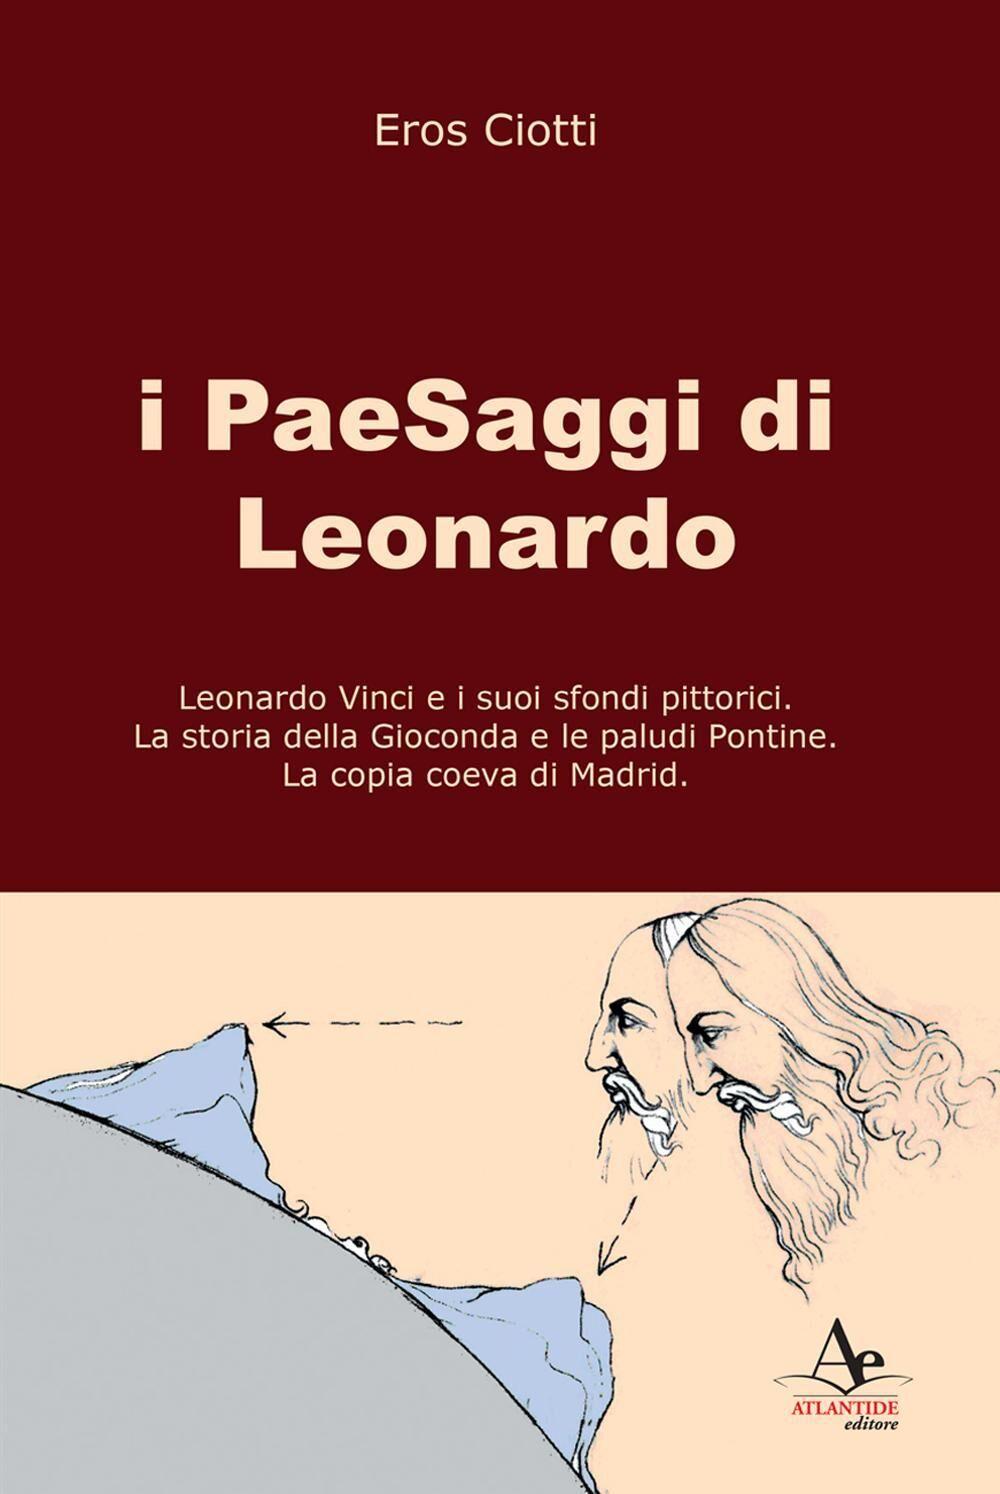 I paesaggi di Leonardo: Leonardo Vinci e i suoi sfondi pittorici-La storia della Gioconda e le paludi Pontine-La copia coeva di Madrid